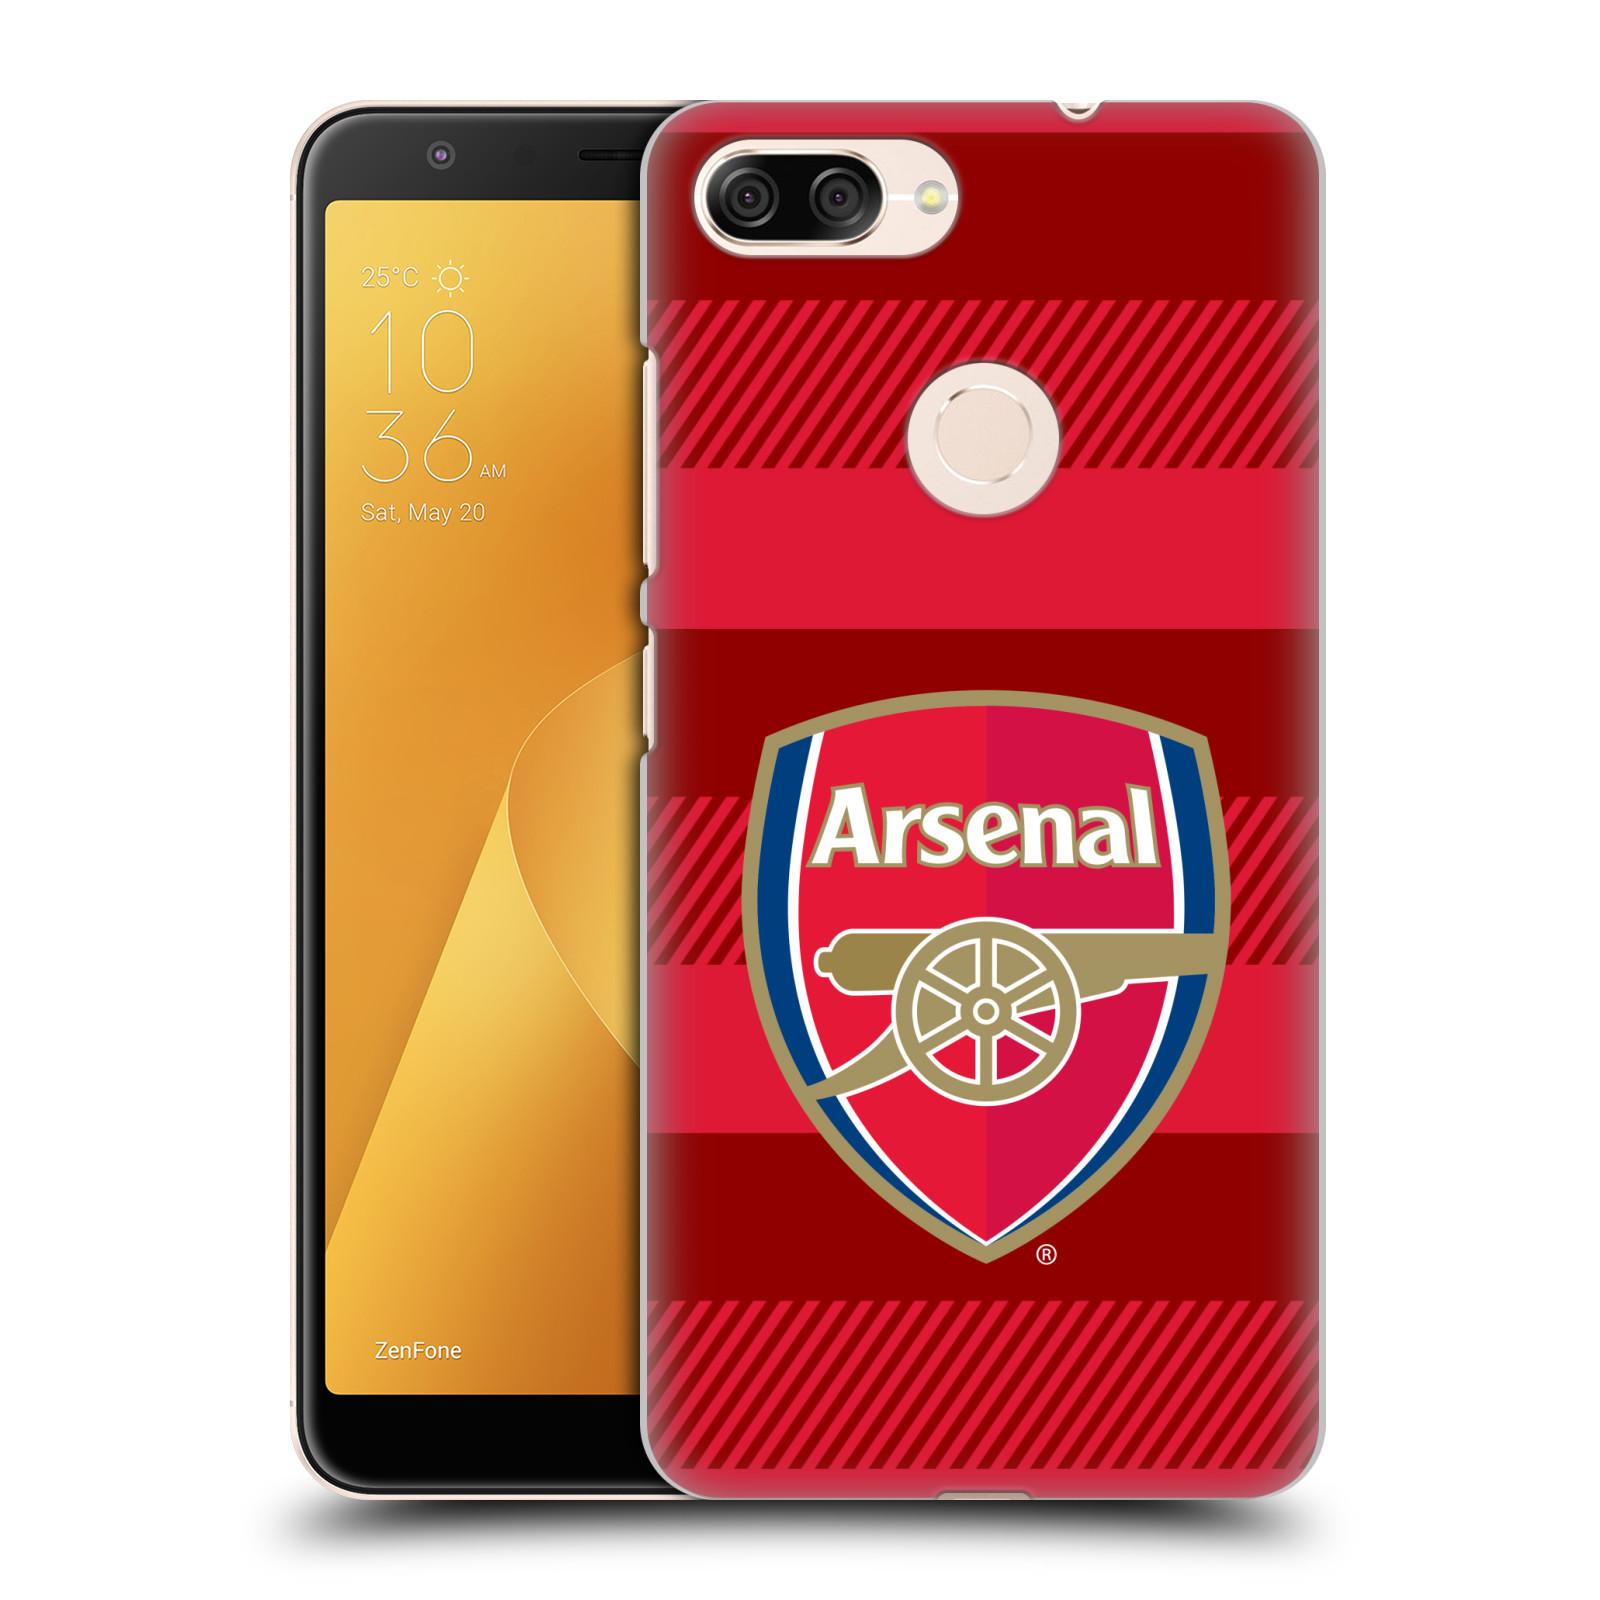 Plastové pouzdro na mobil Asus ZenFone Max Plus (M1) - Head Case - Arsenal FC - Logo s pruhy